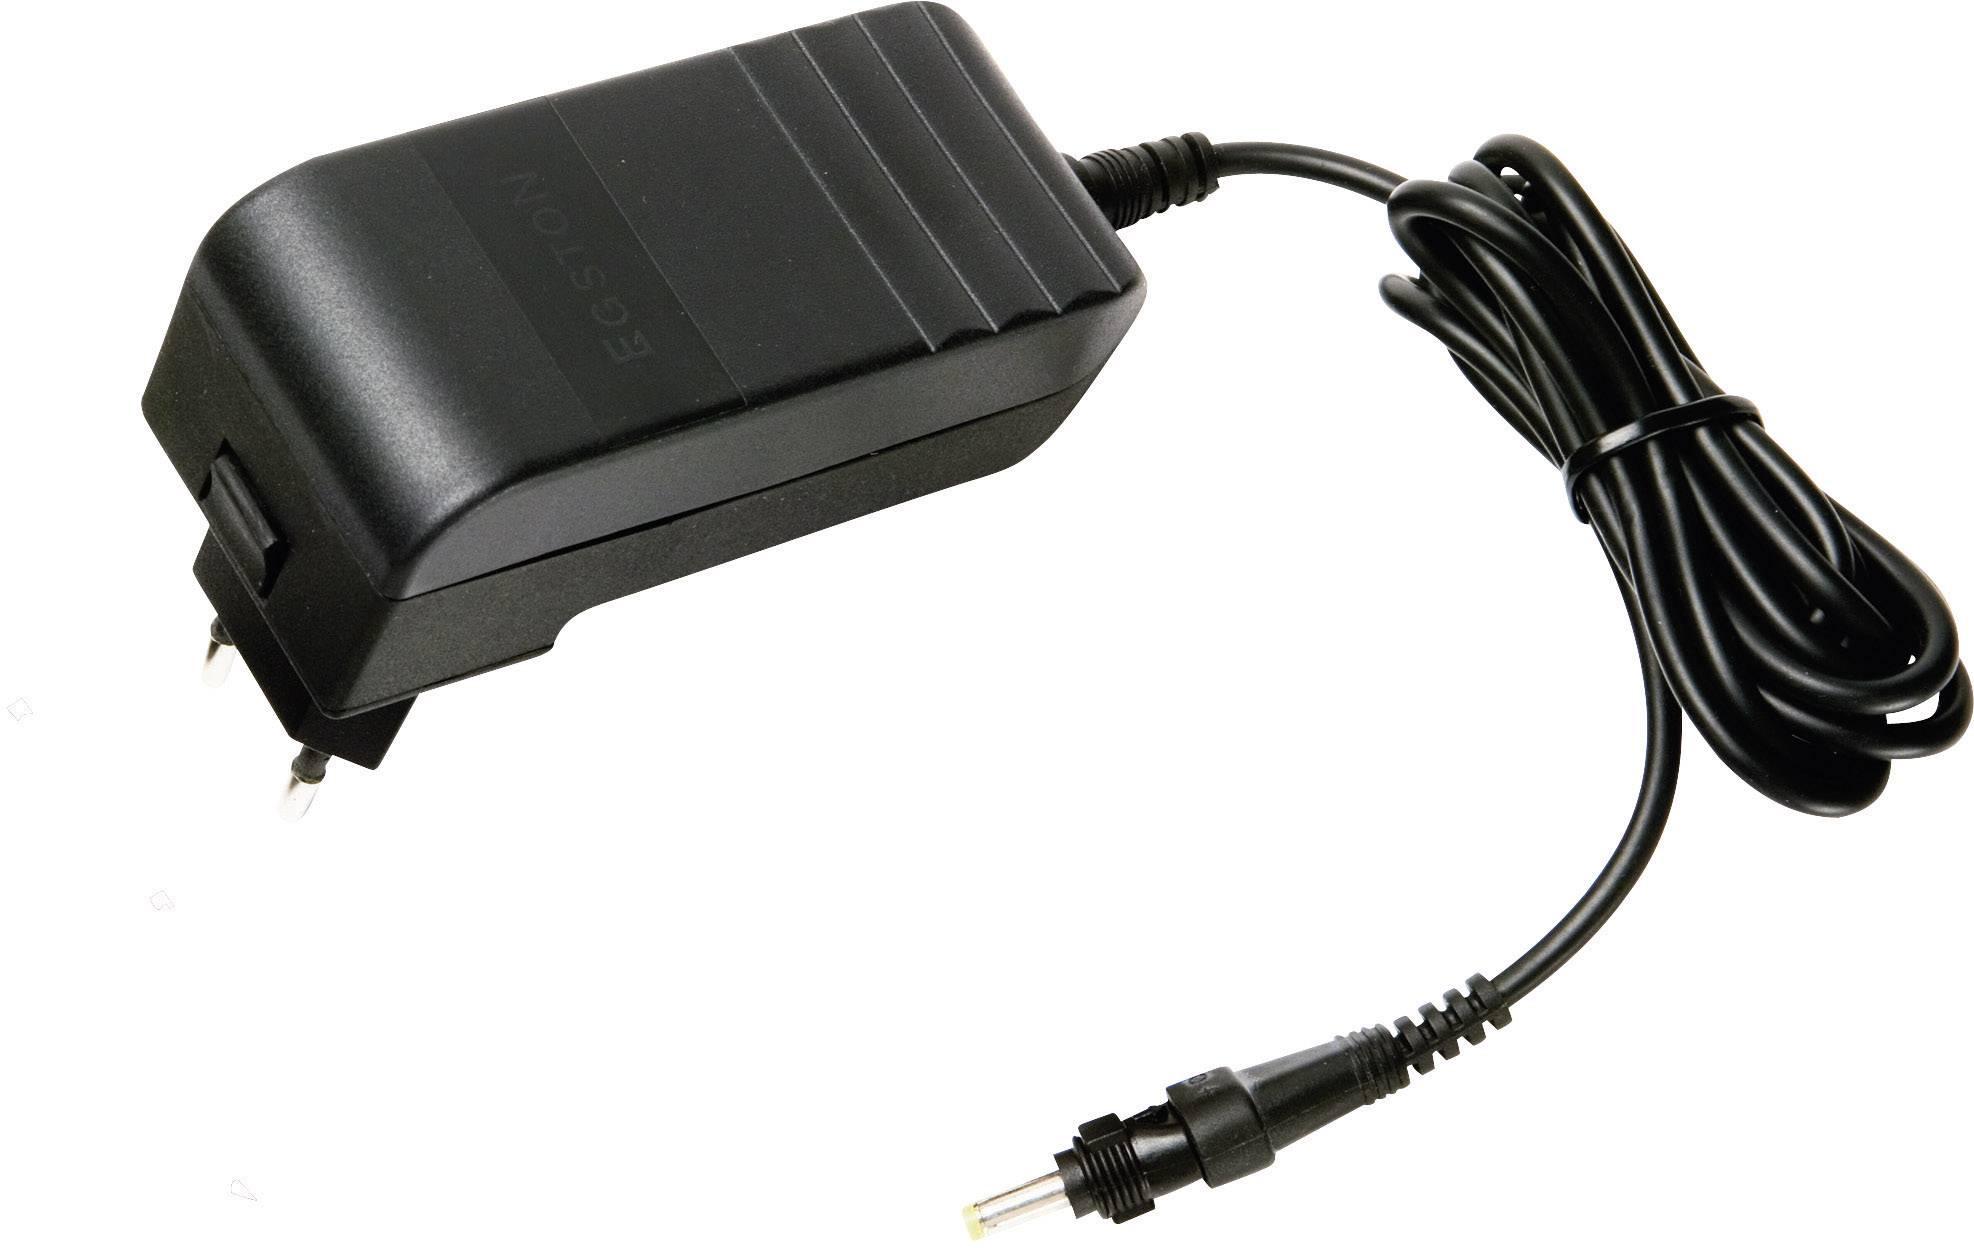 Zásuvkový adaptér so stálym napätím Egston 003920143, 30 W, 2500 mA